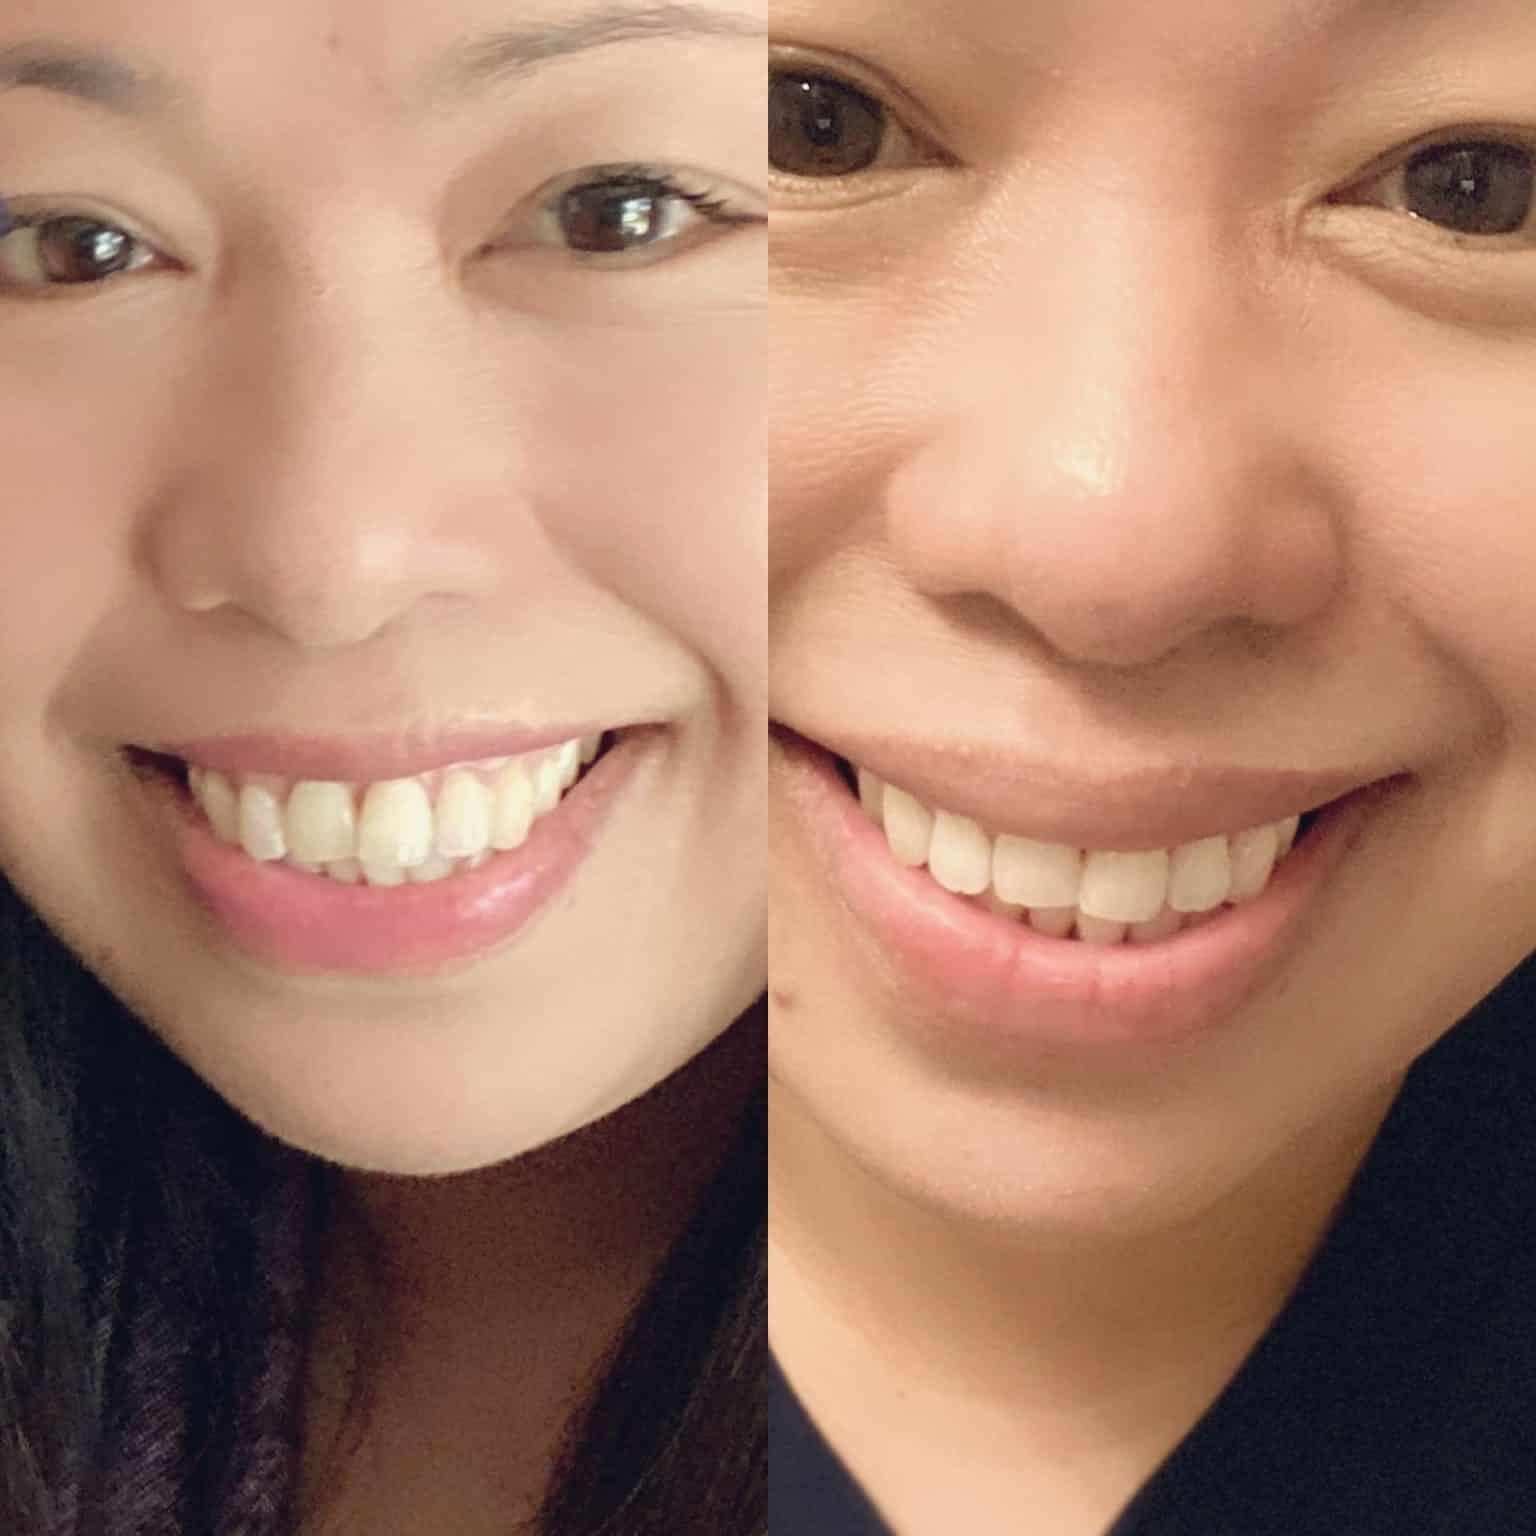 teeth align